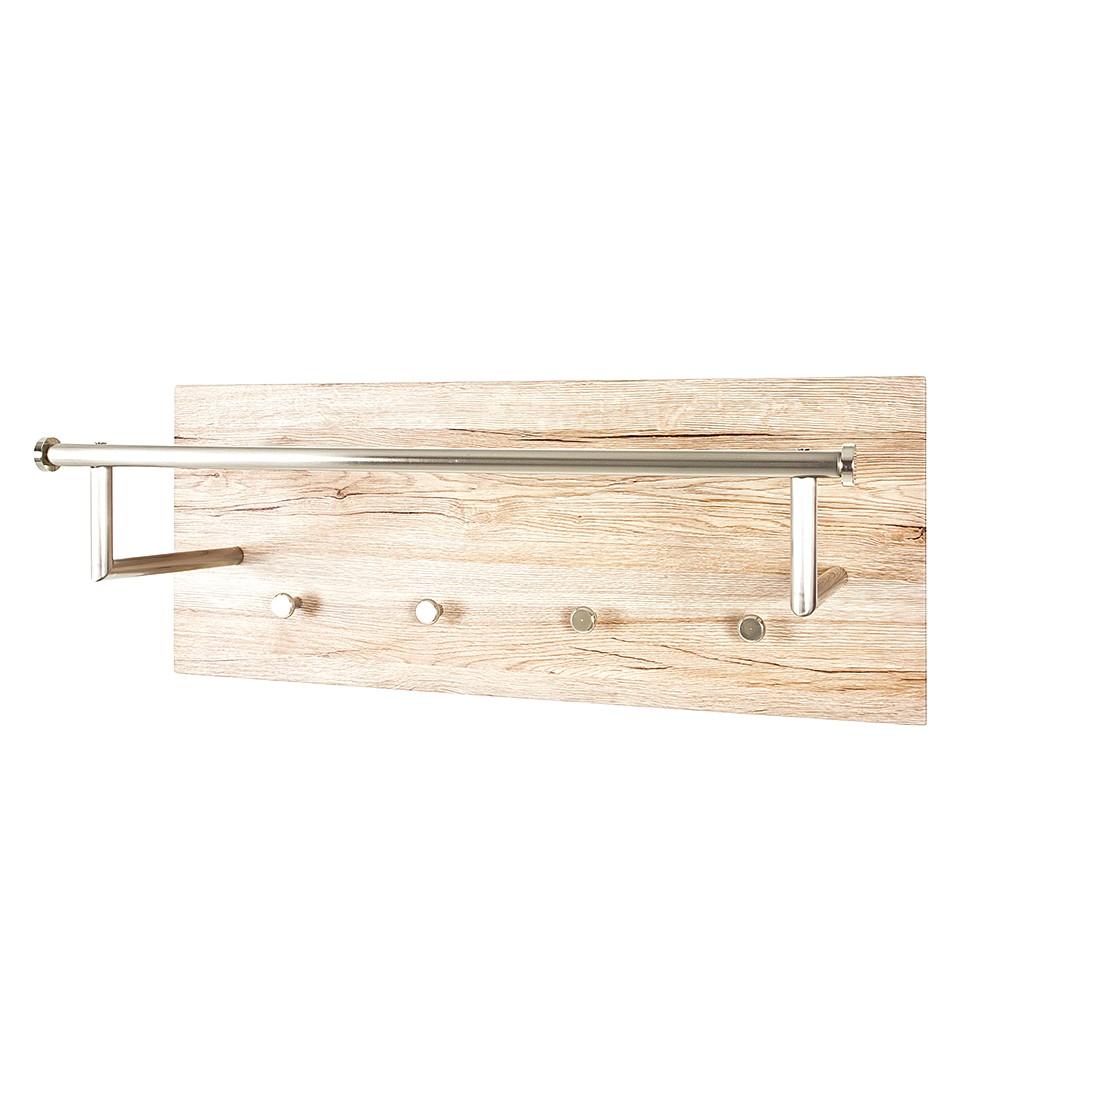 Acquario parete design inox xl prezzi migliori offerte for Mobili acquario prezzi